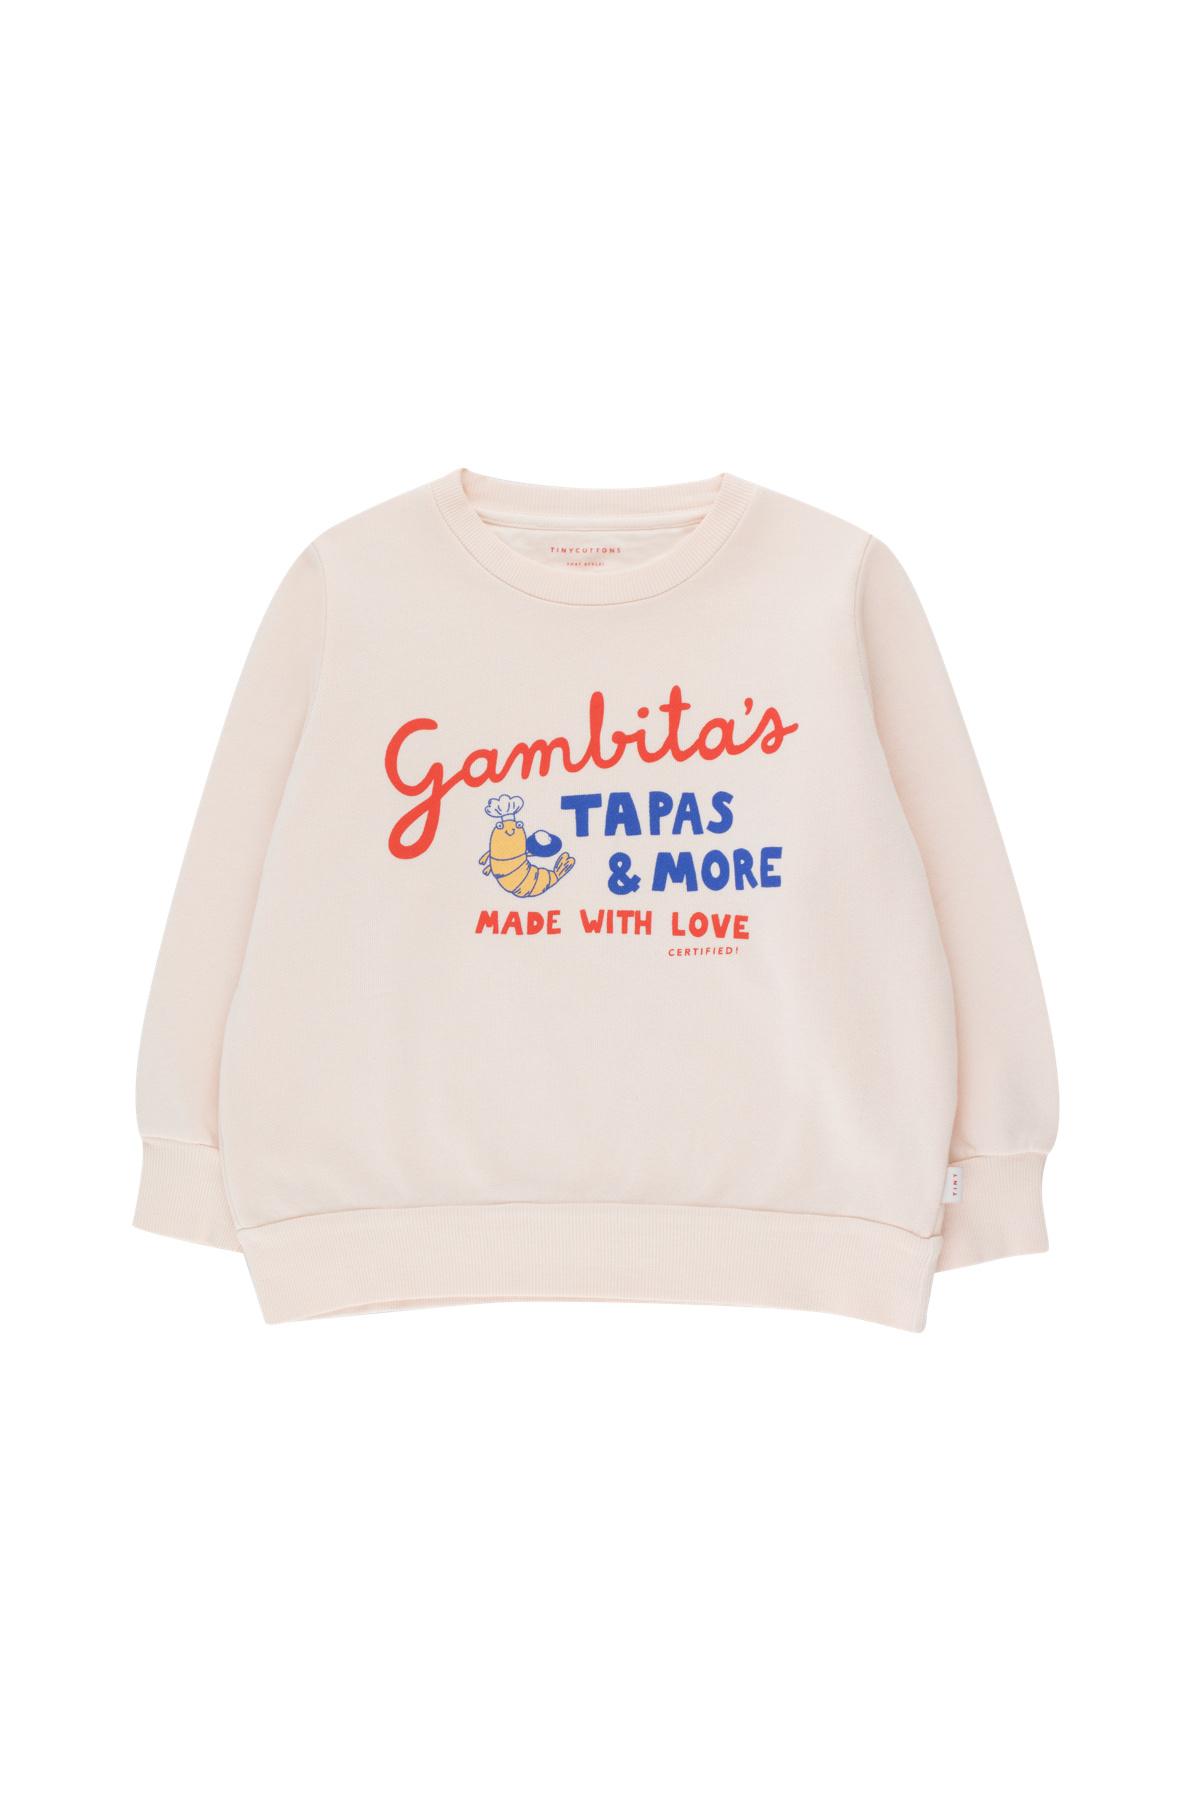 Gambitas sweatshirt - Light Cream / Red-1